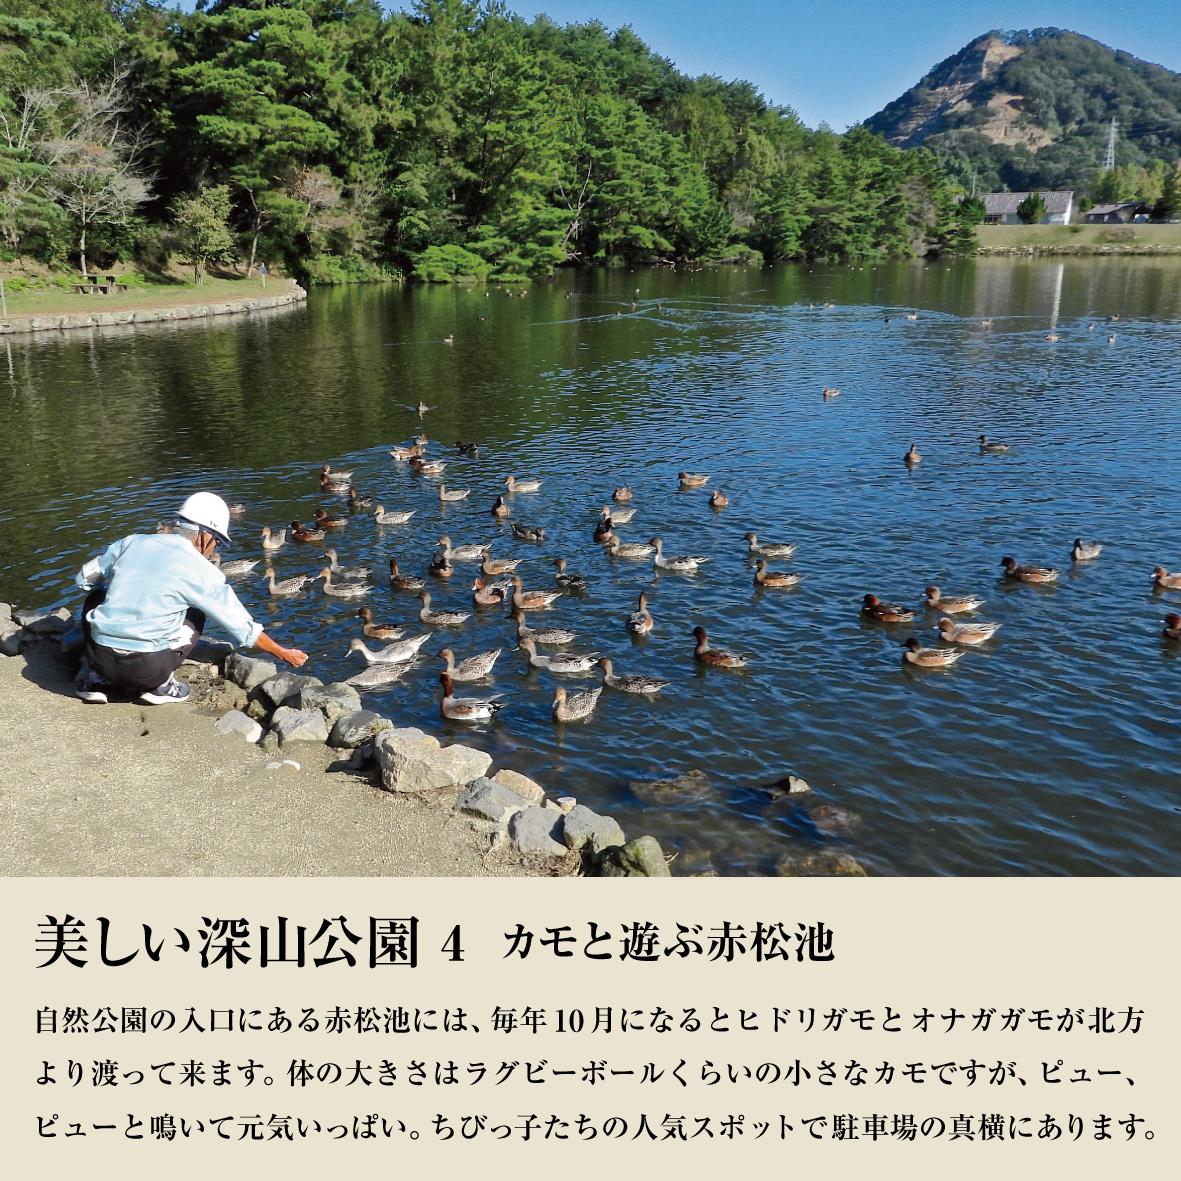 カモと遊ぶ赤松池-01